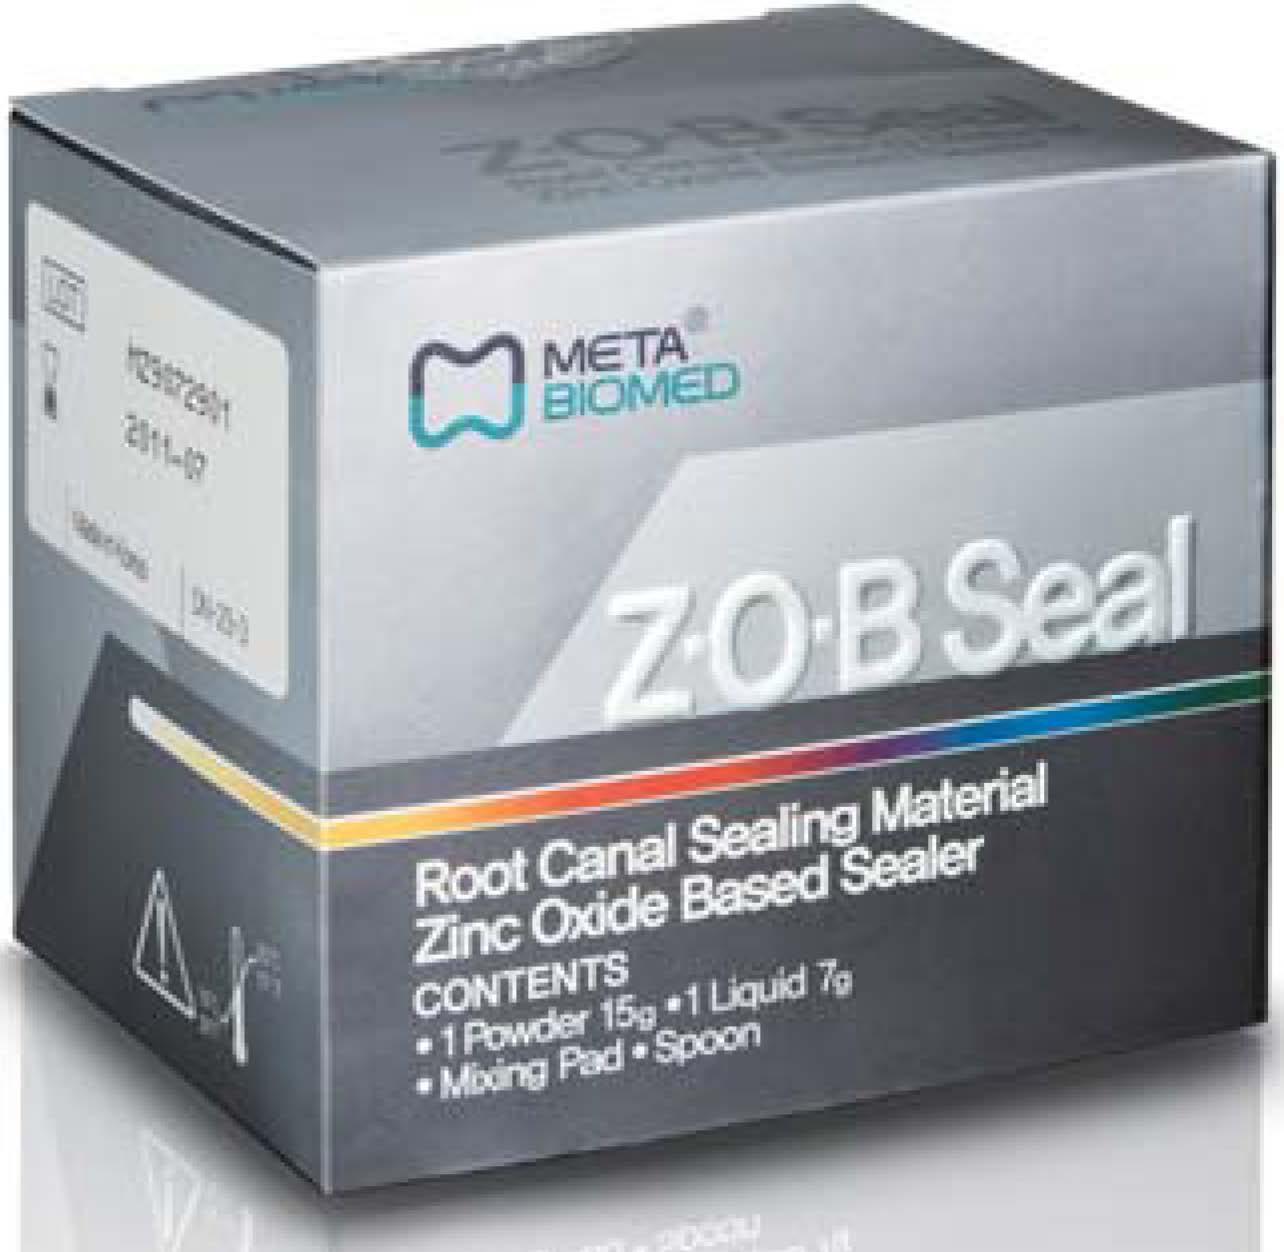 ZOB Seal